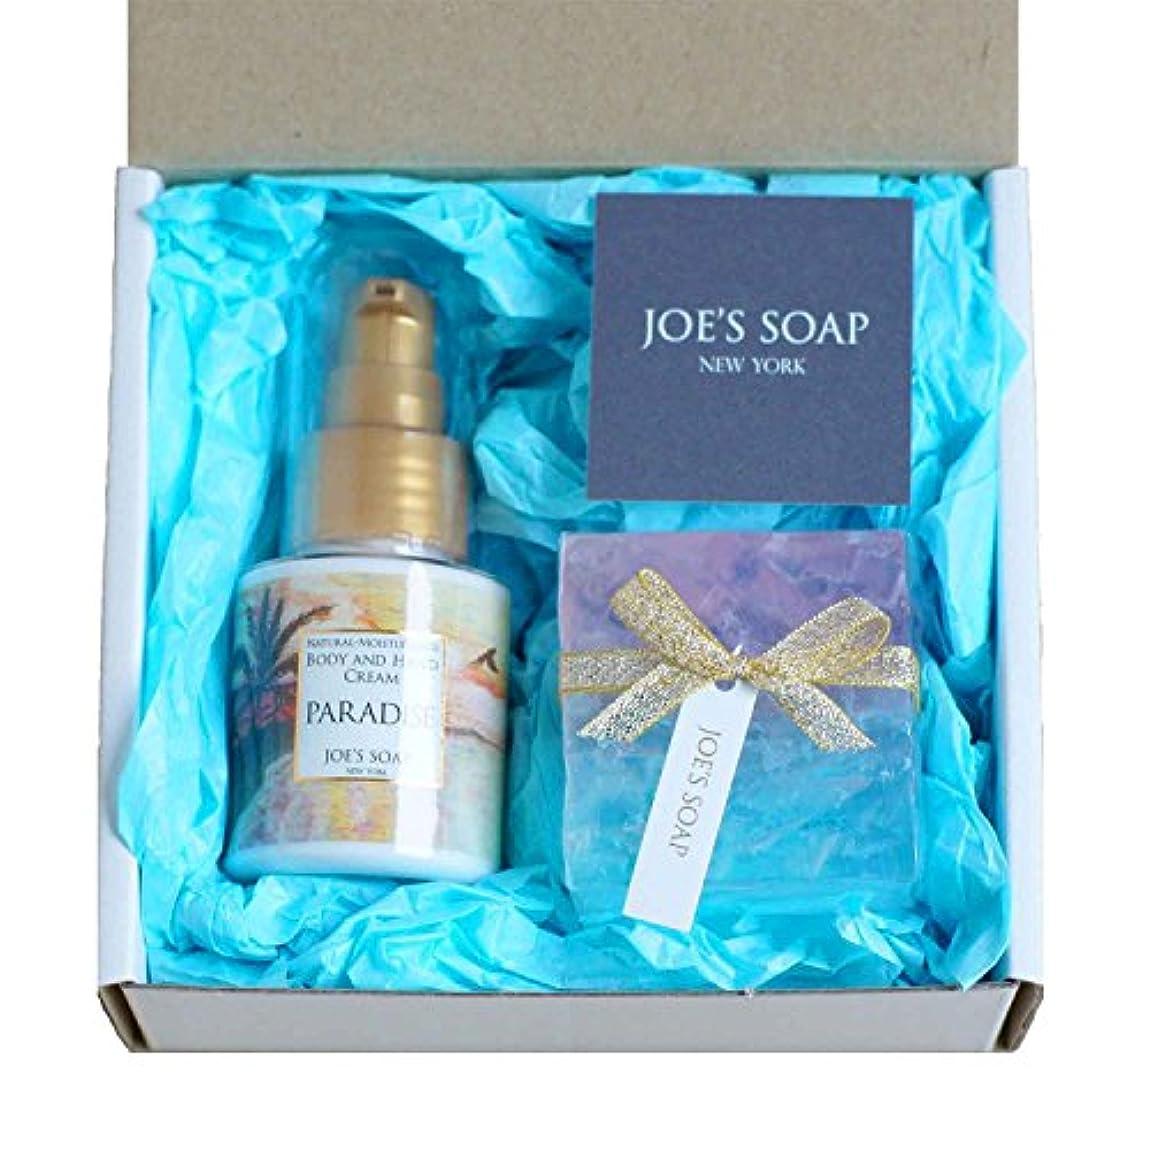 ダイエットエイリアンお金ゴムJOE'S SOAP (ジョーズソープ) ギフトボックス(PARADISE) ハンドクリーム ボディクリーム 石鹸 保湿 ポンプ ボディケア スキンケア ギフト プレゼント いい香り